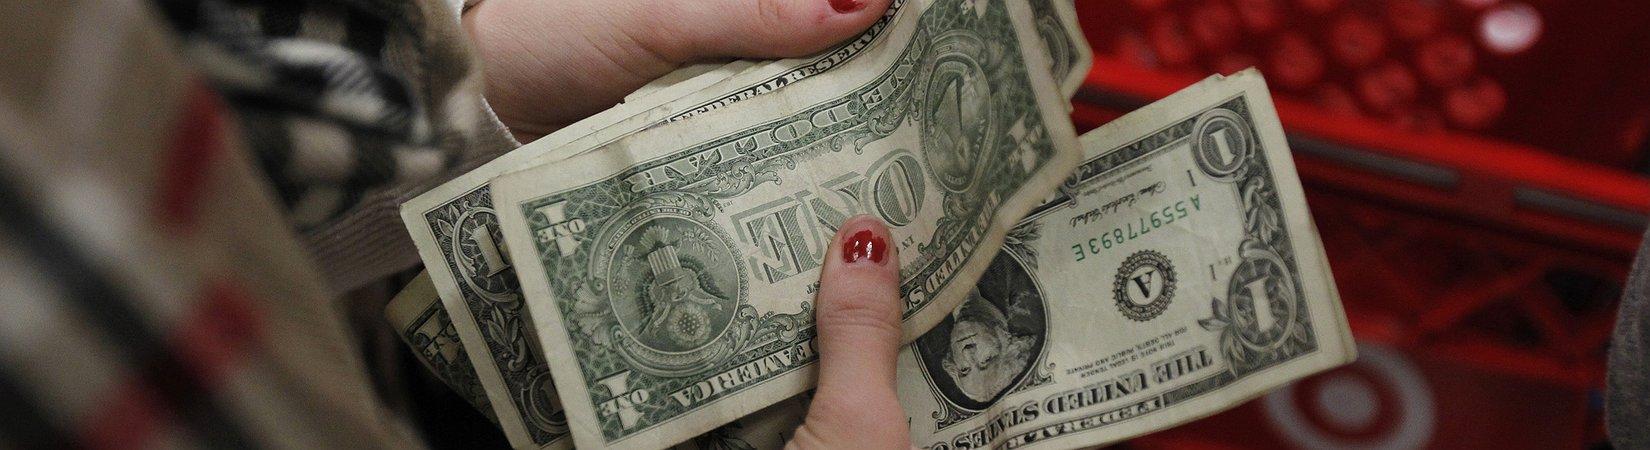 Un dólar fuerte: pérdida de tiempo y oportunidades